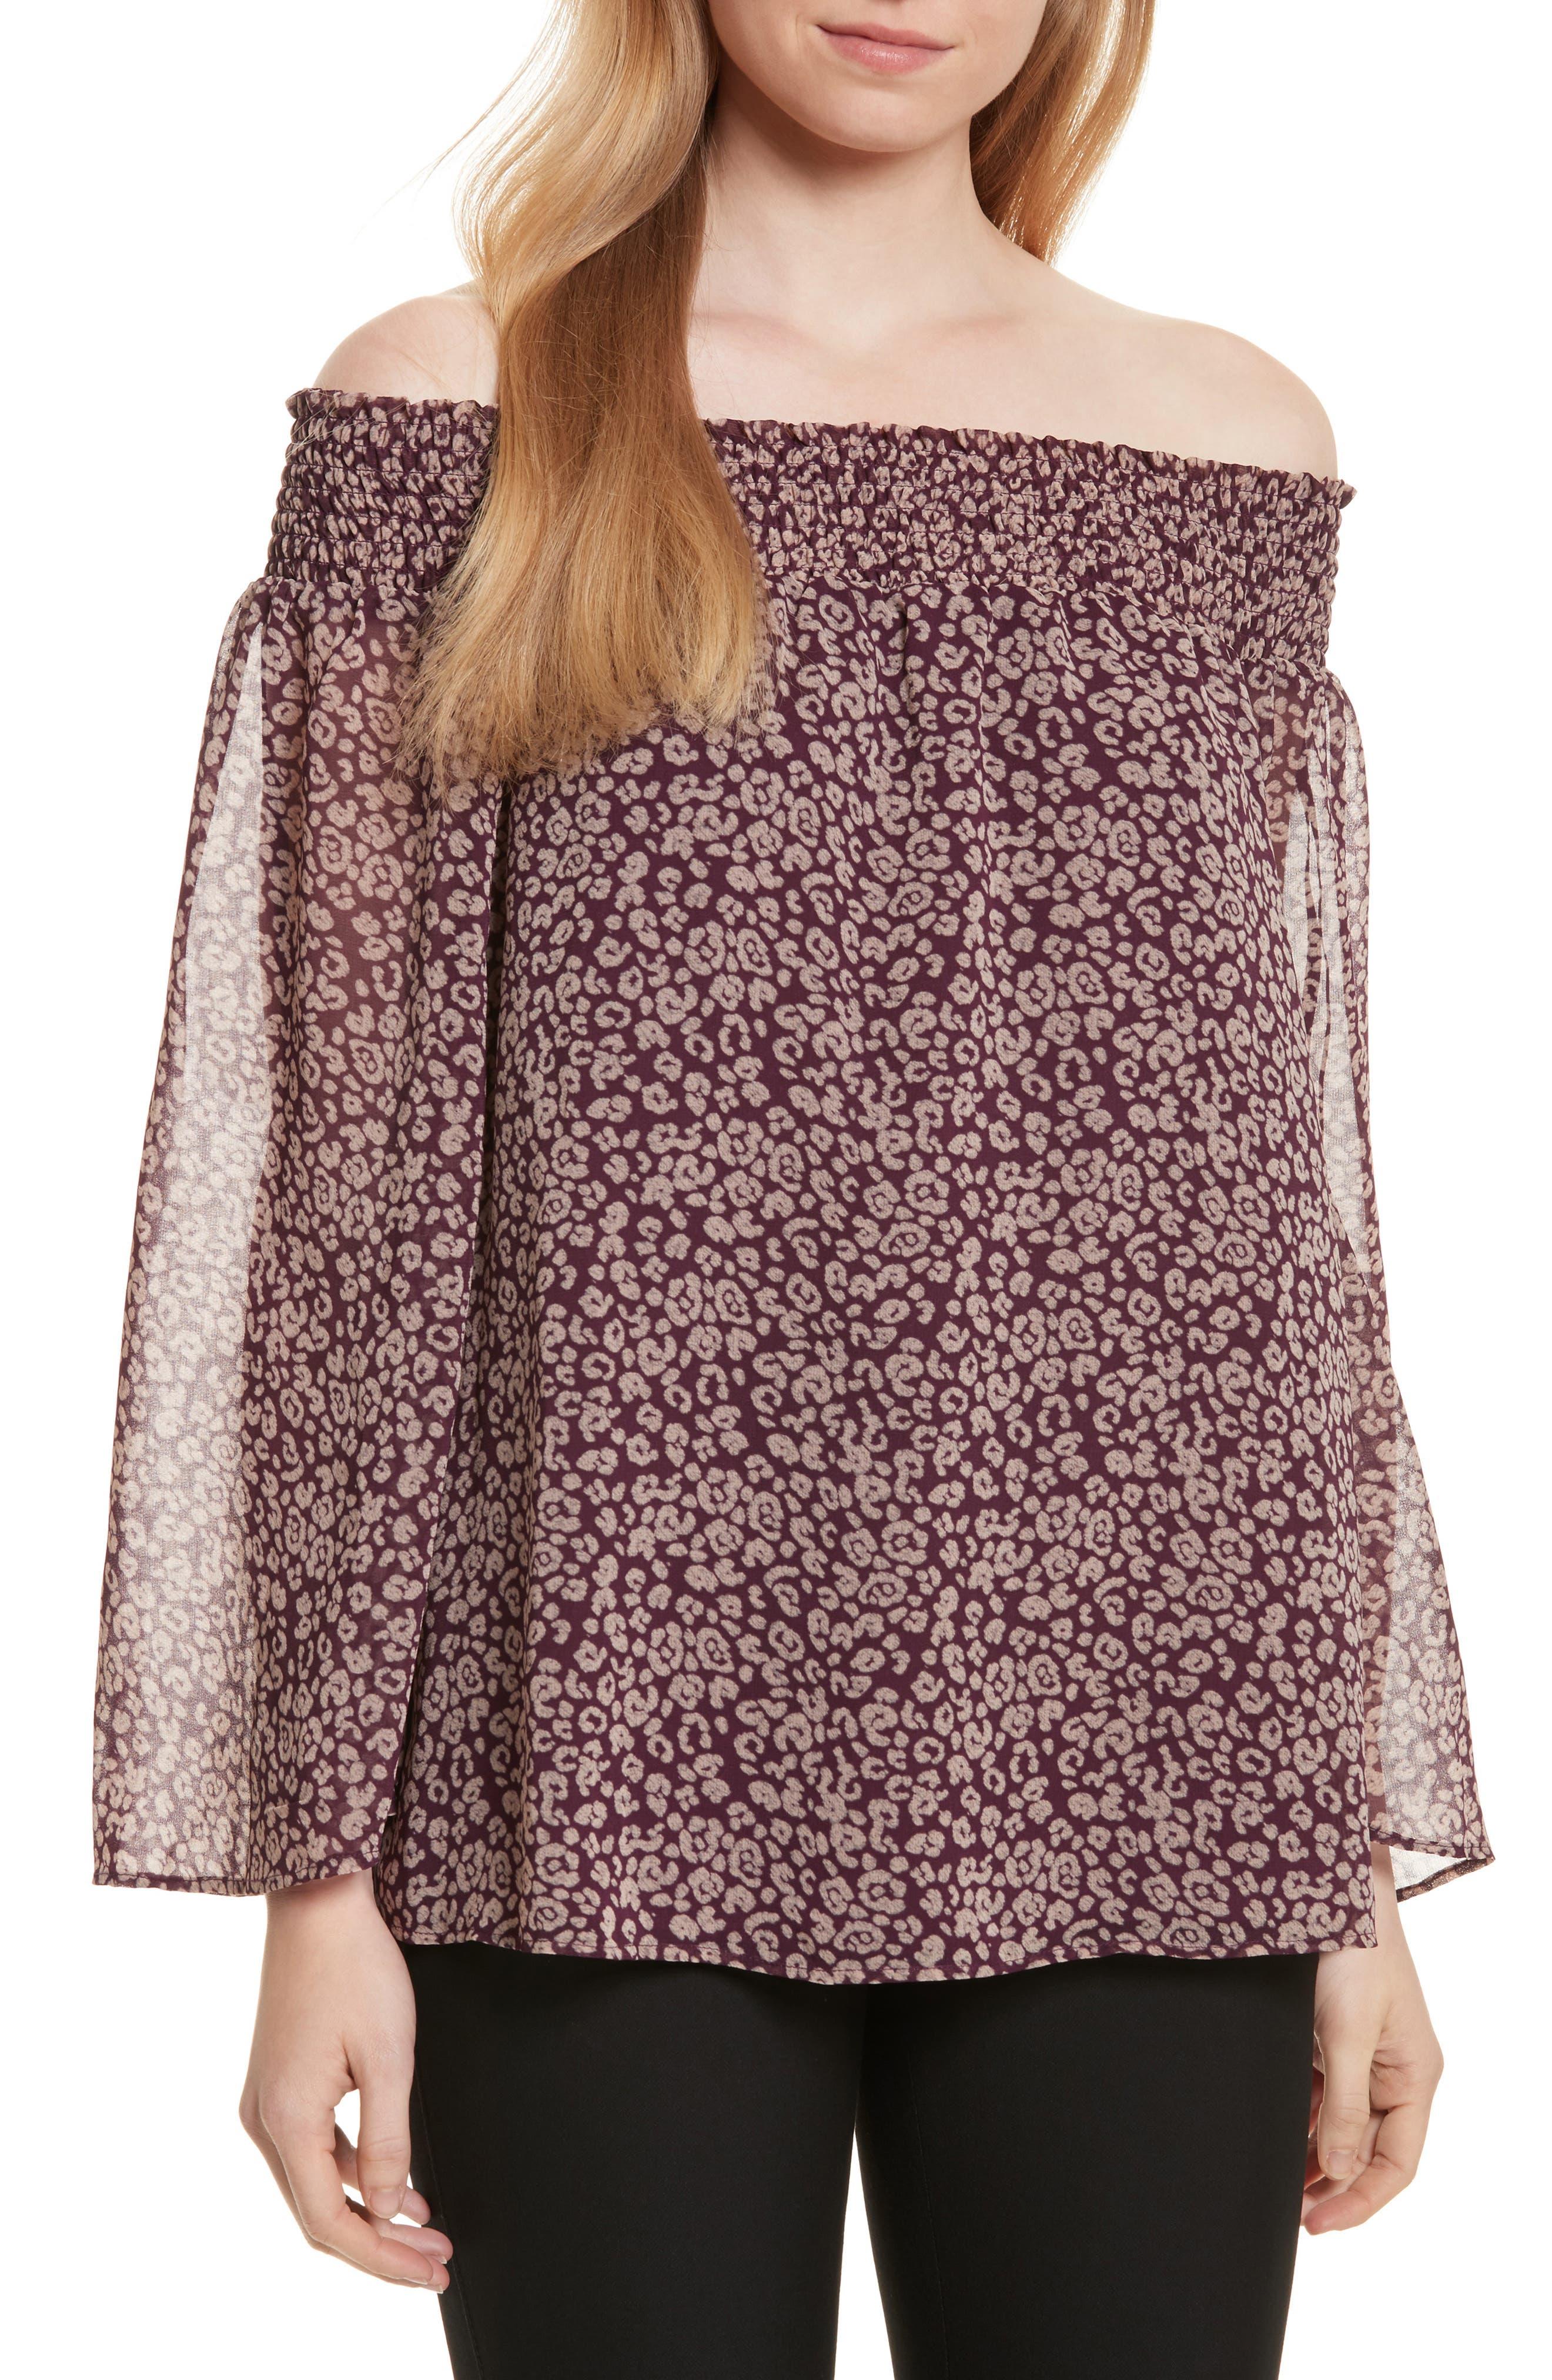 Avani Off the Shoulder Top,                         Main,                         color, Potent Purple Leopard